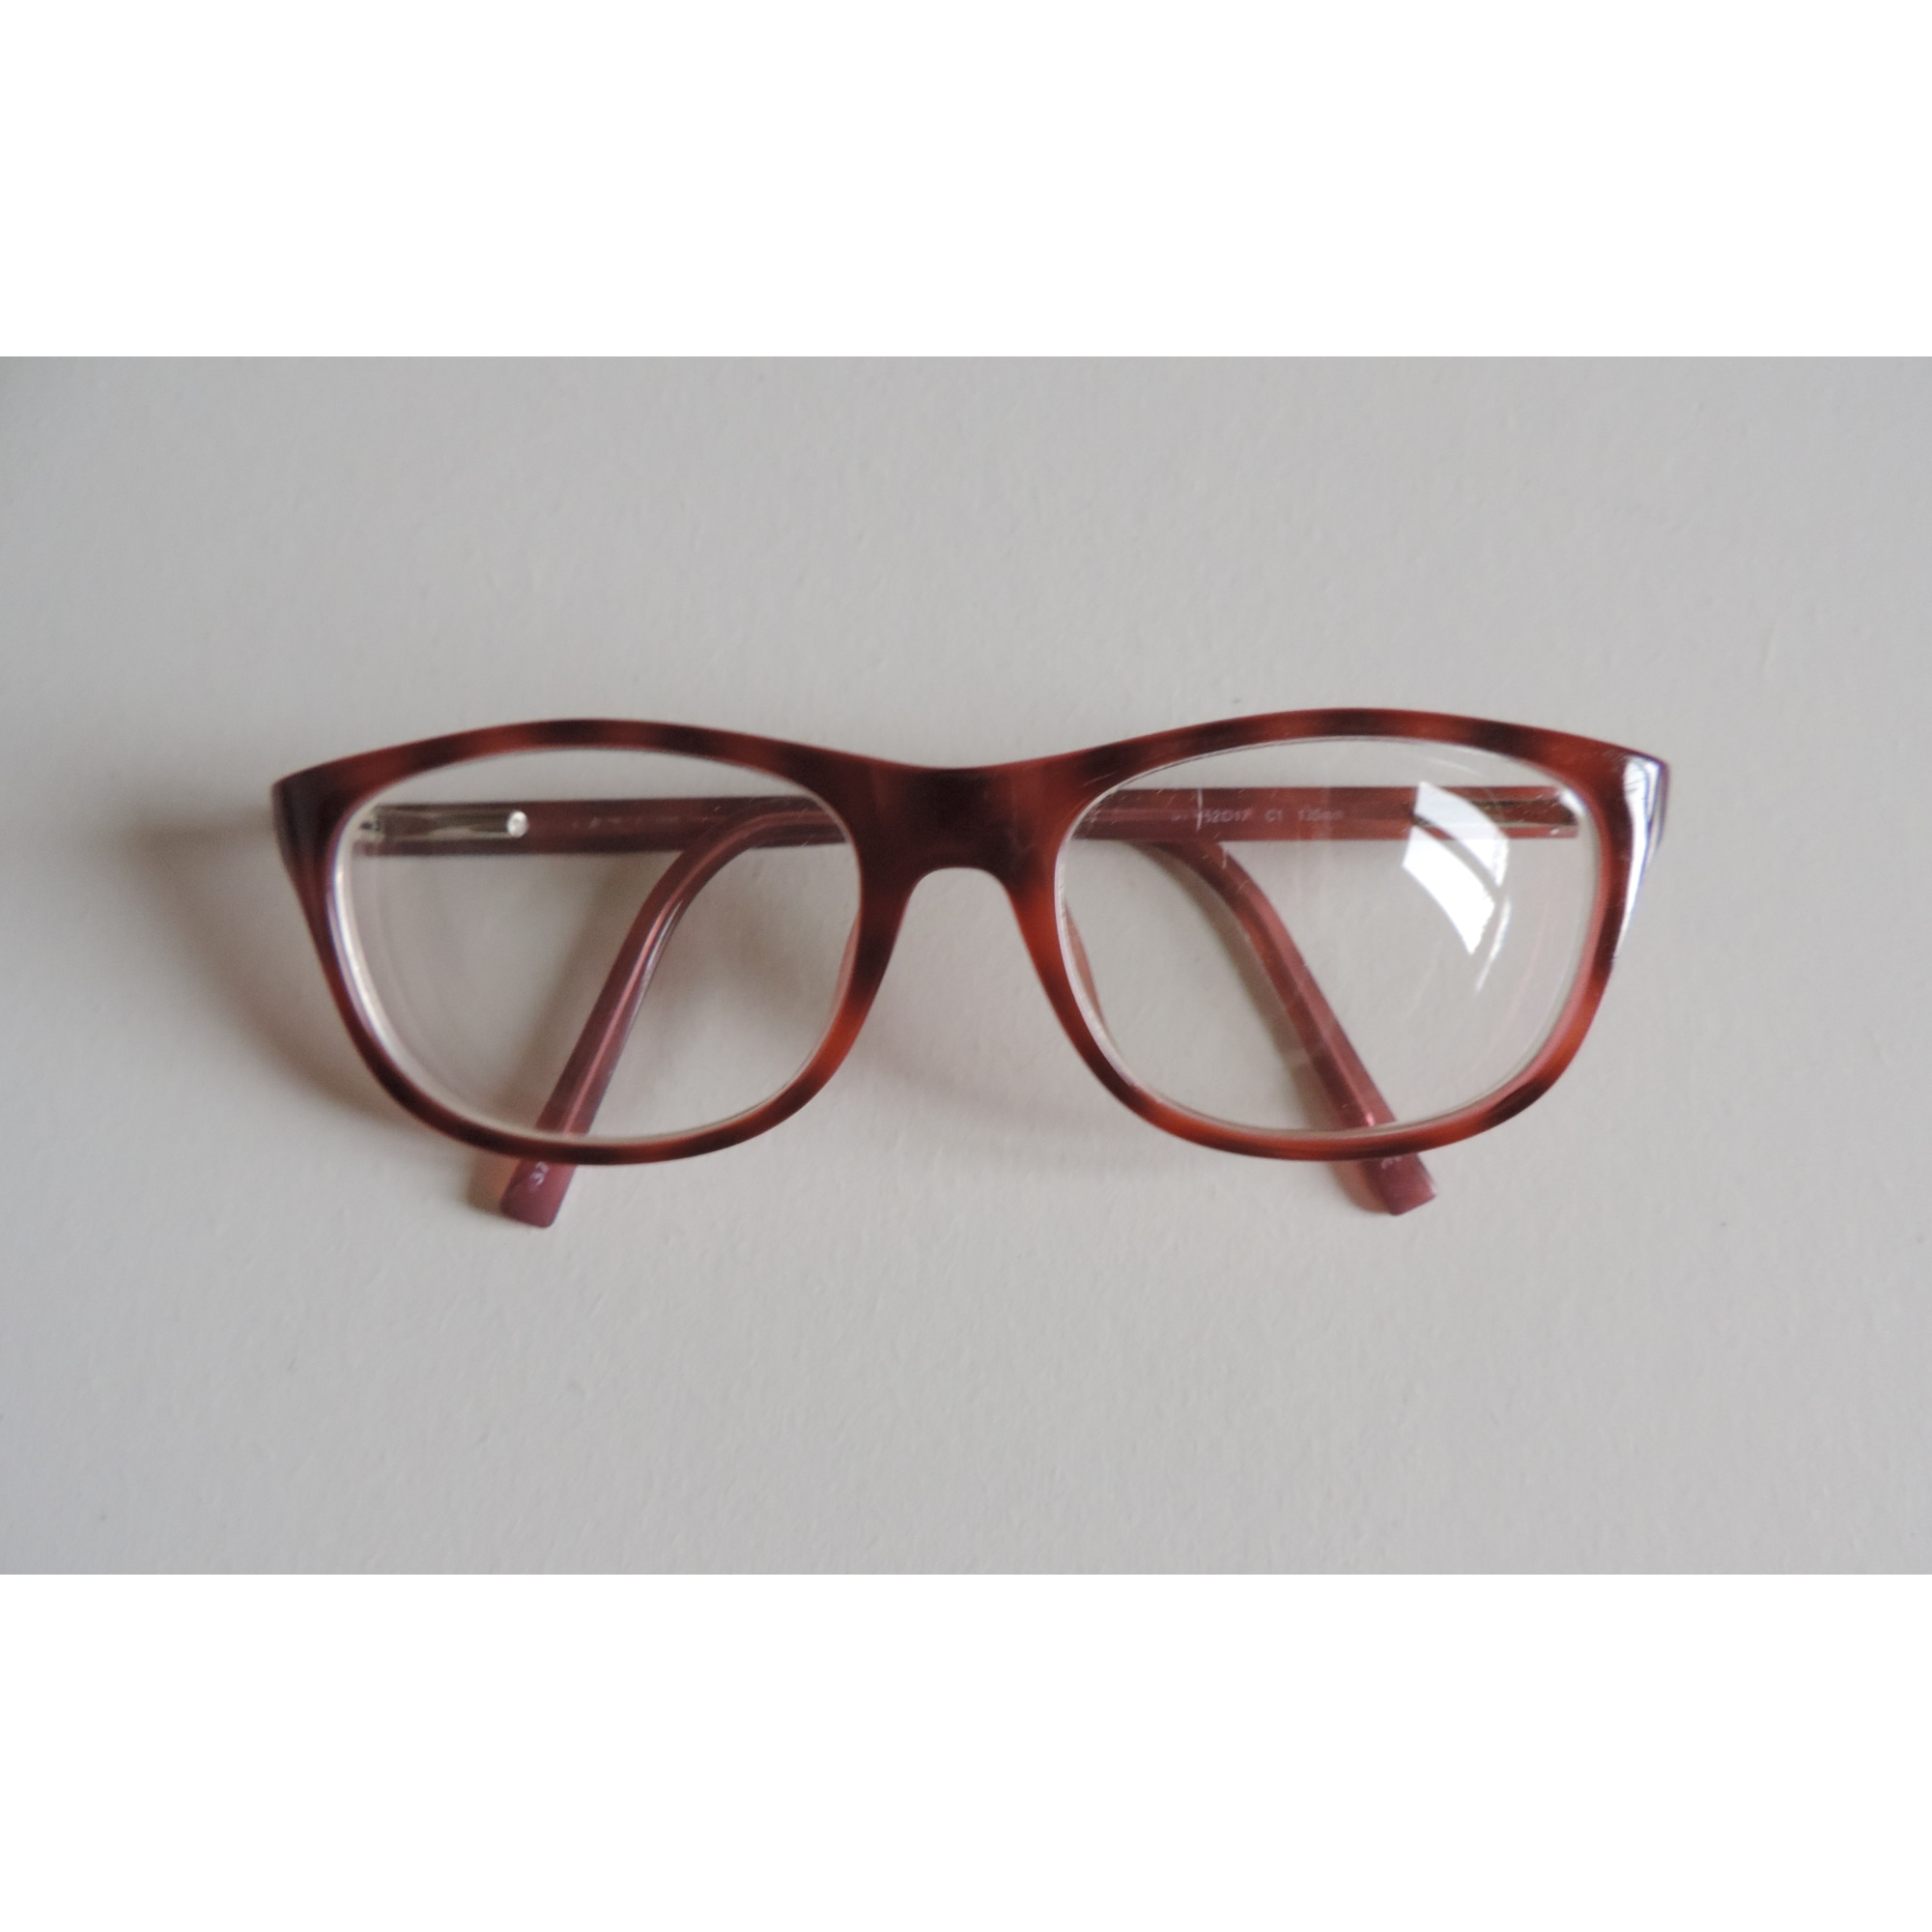 bdec8abf5ca7d Monture de lunettes ALAIN AFFLELOU rouge - 5049768